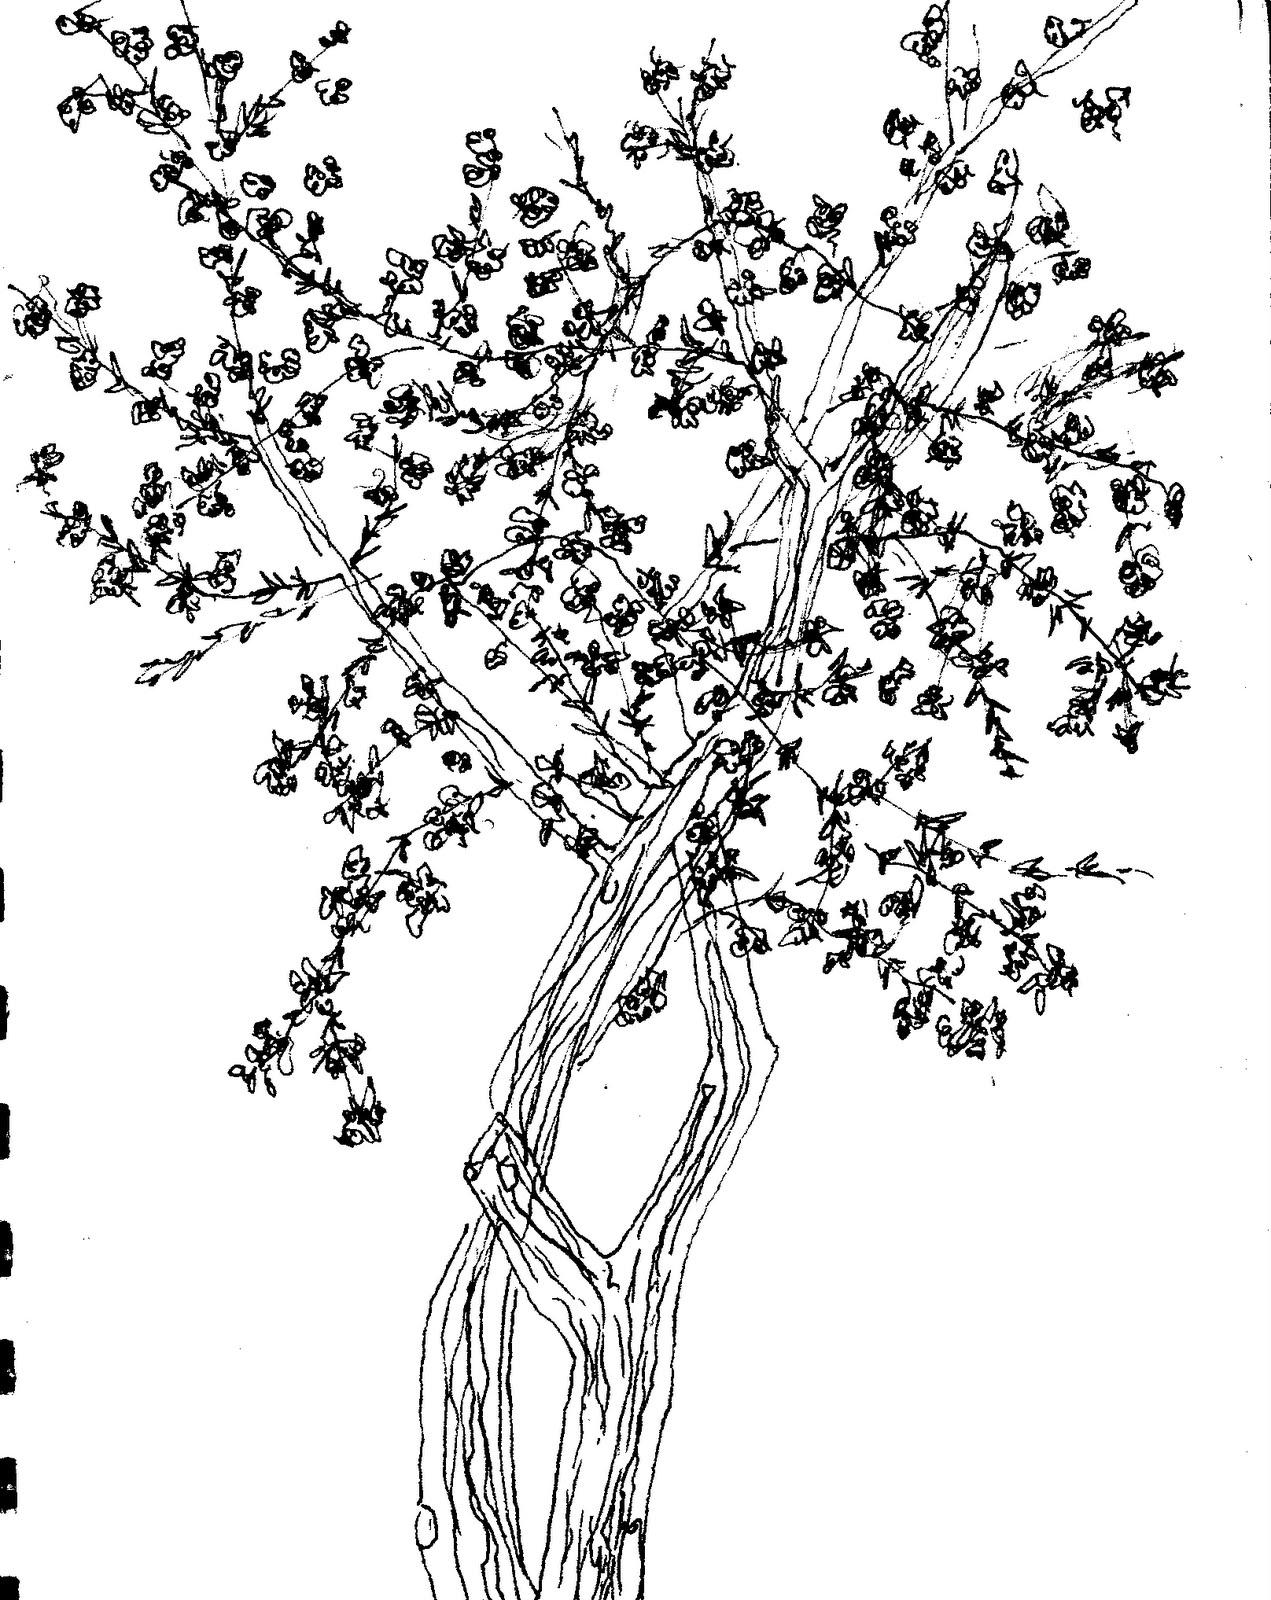 http://4.bp.blogspot.com/_E-pZw0RJe8c/S8vdPxJjYyI/AAAAAAAABYo/TJBVAx69oaY/s1600/cherry+tree.bmp